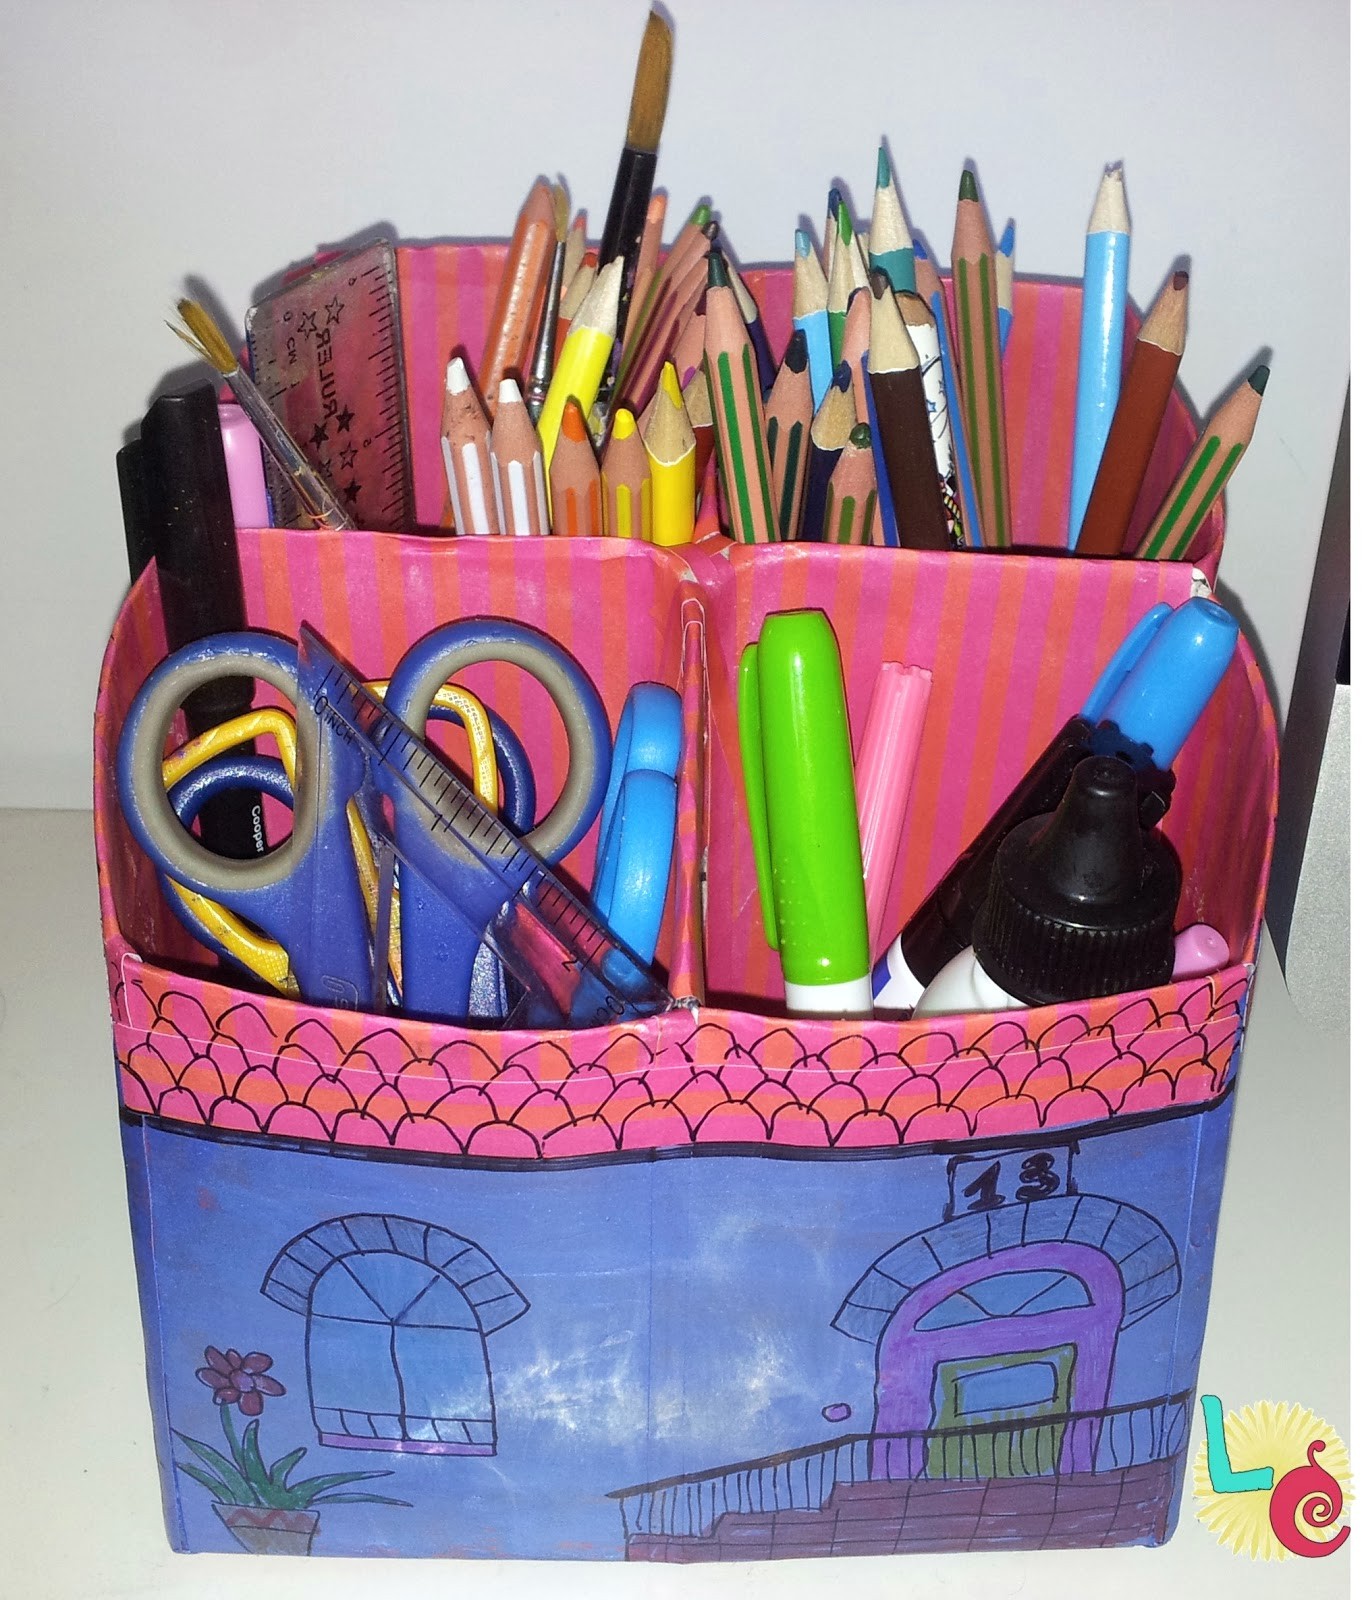 Lovers crafts organizador de escritorio - Organizador de escritorio ...